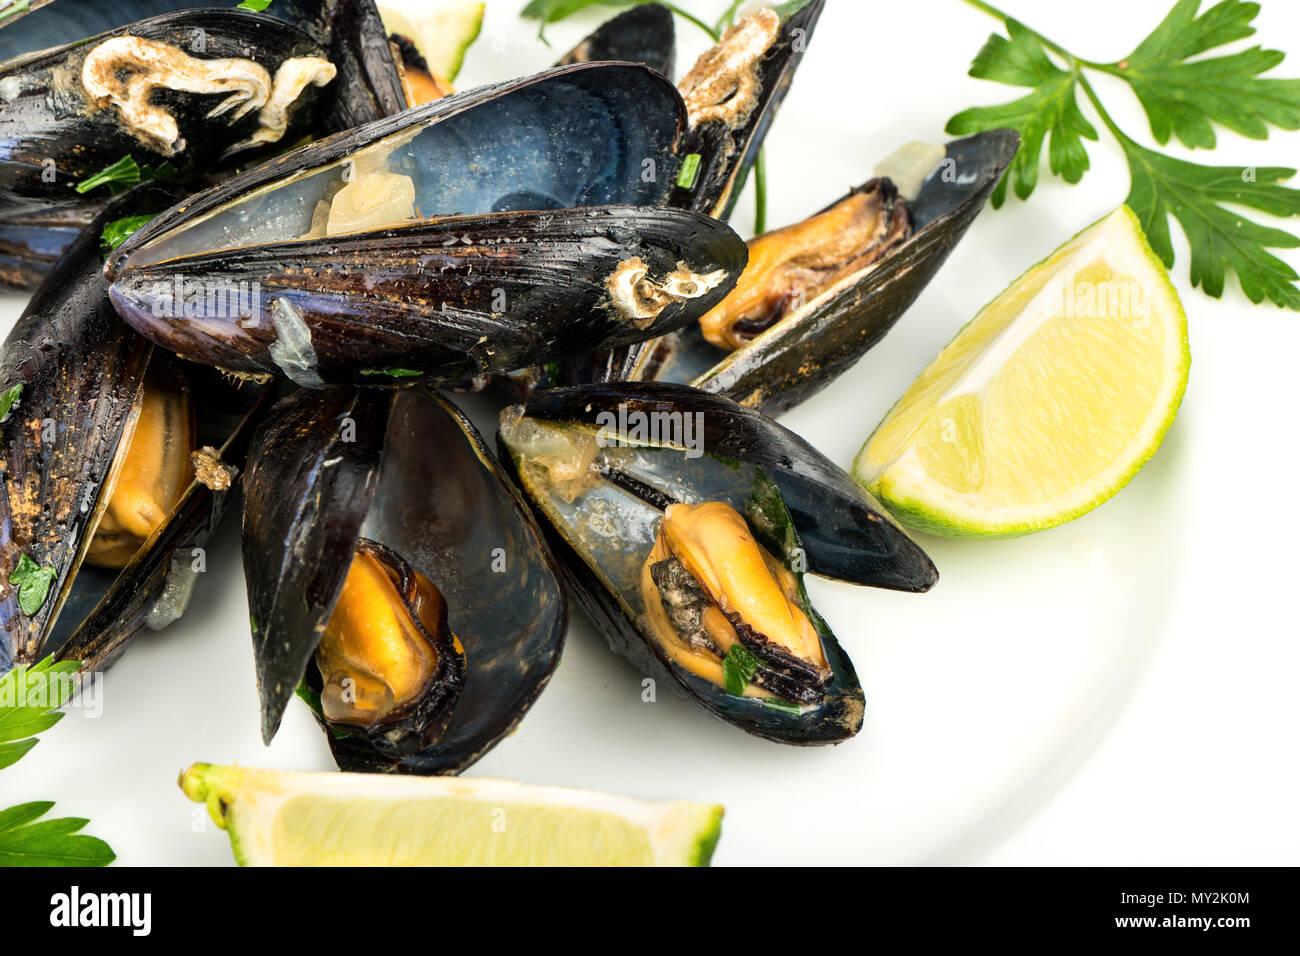 Köstlich zubereiteten Muscheln mit Kalk auf einem Teller, close-up Stockbild